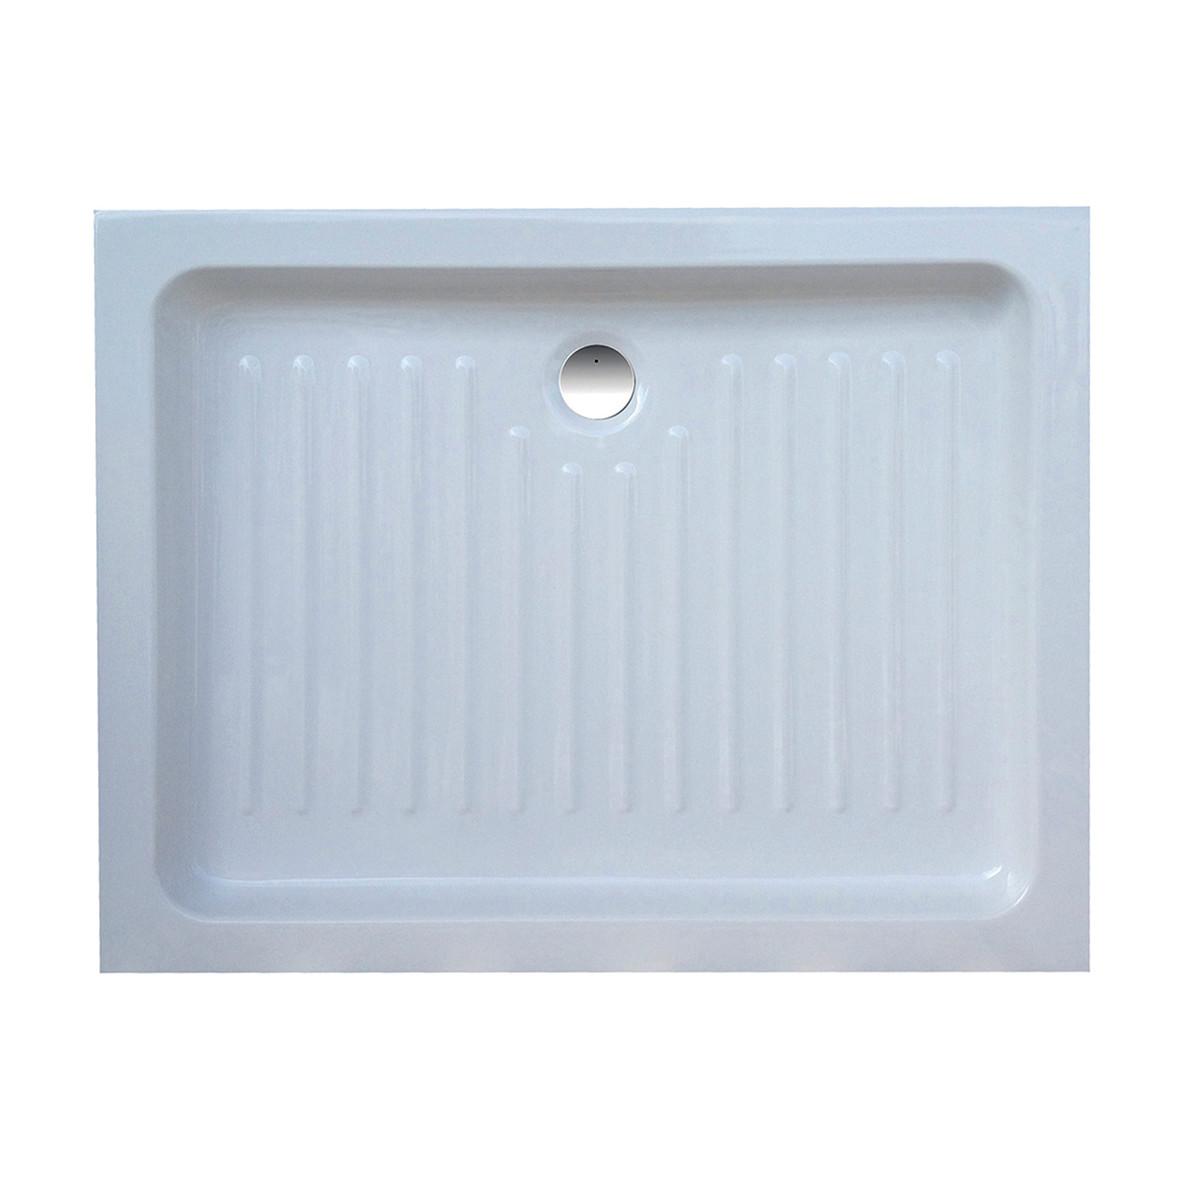 Piatto doccia 90x100 cm prezzo e offerte sottocosto for Leroy merlin piatto doccia